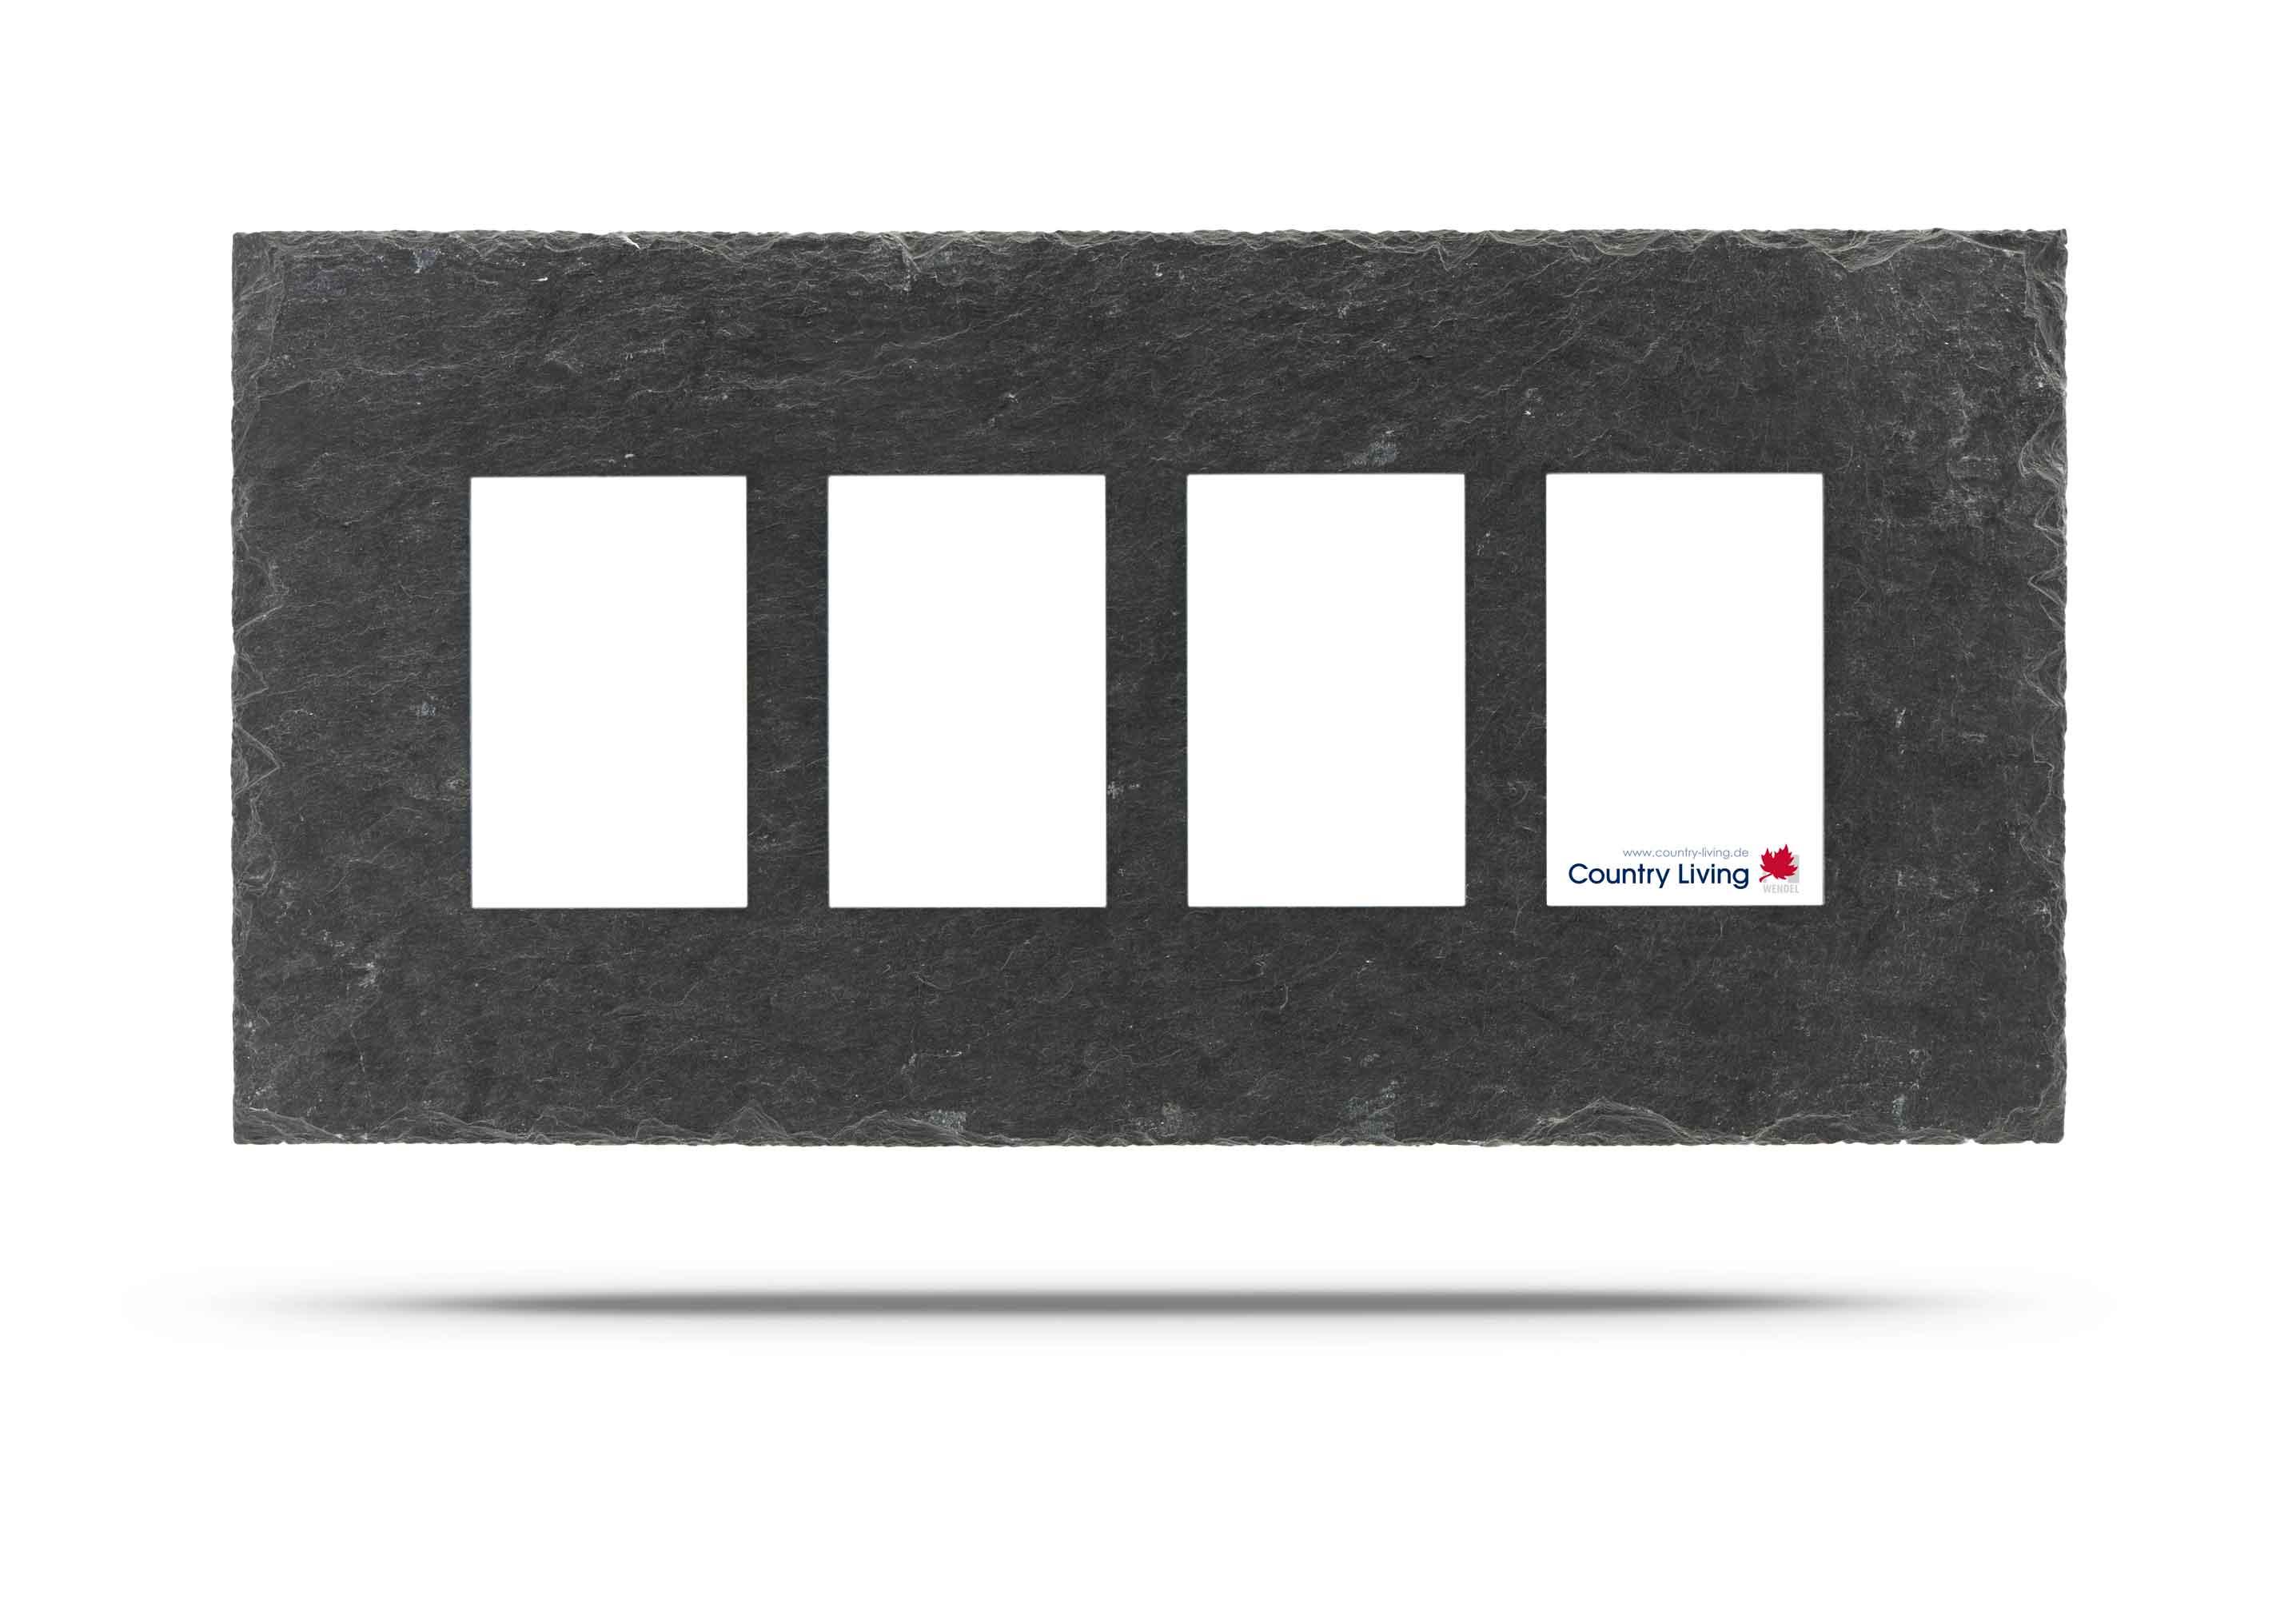 Schiefer Rahmen 4mal 10x15 cm - Country-Living Shop